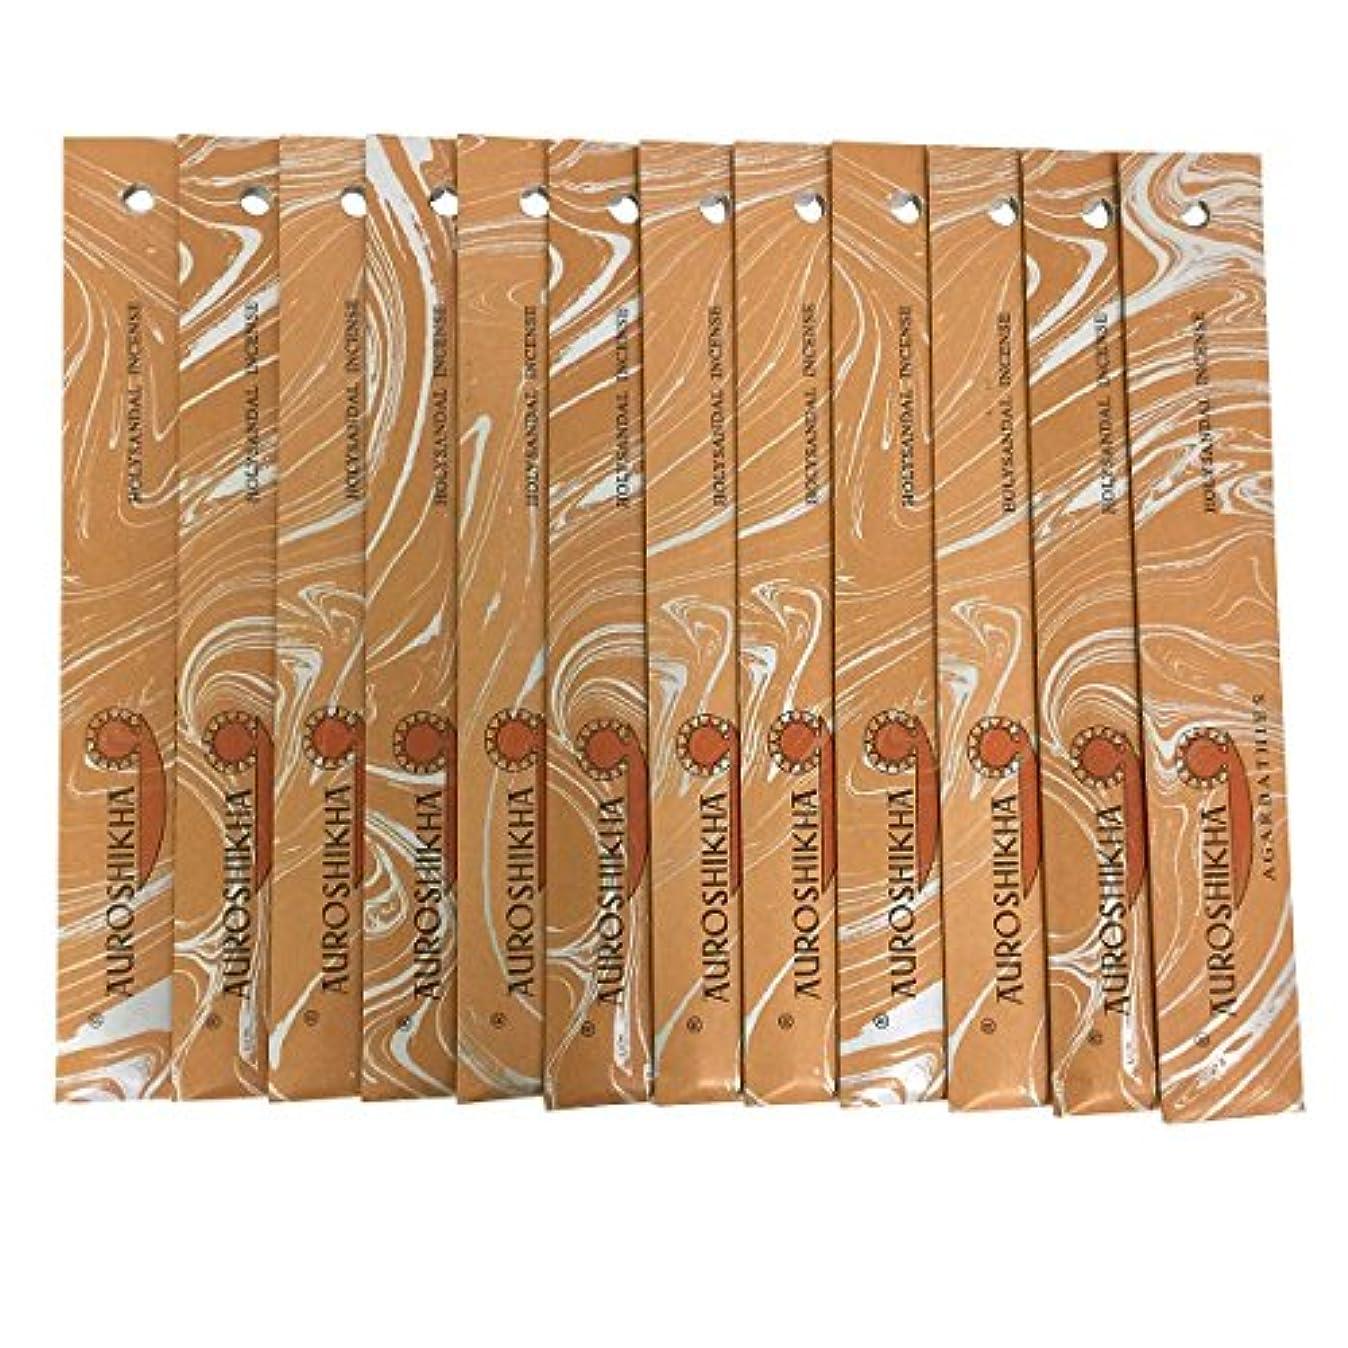 アピール無効タクトAUROSHIKHA オウロシカ(HOLYSANDALホーリーサンダル12個セット) マーブルパッケージスティック 送料無料